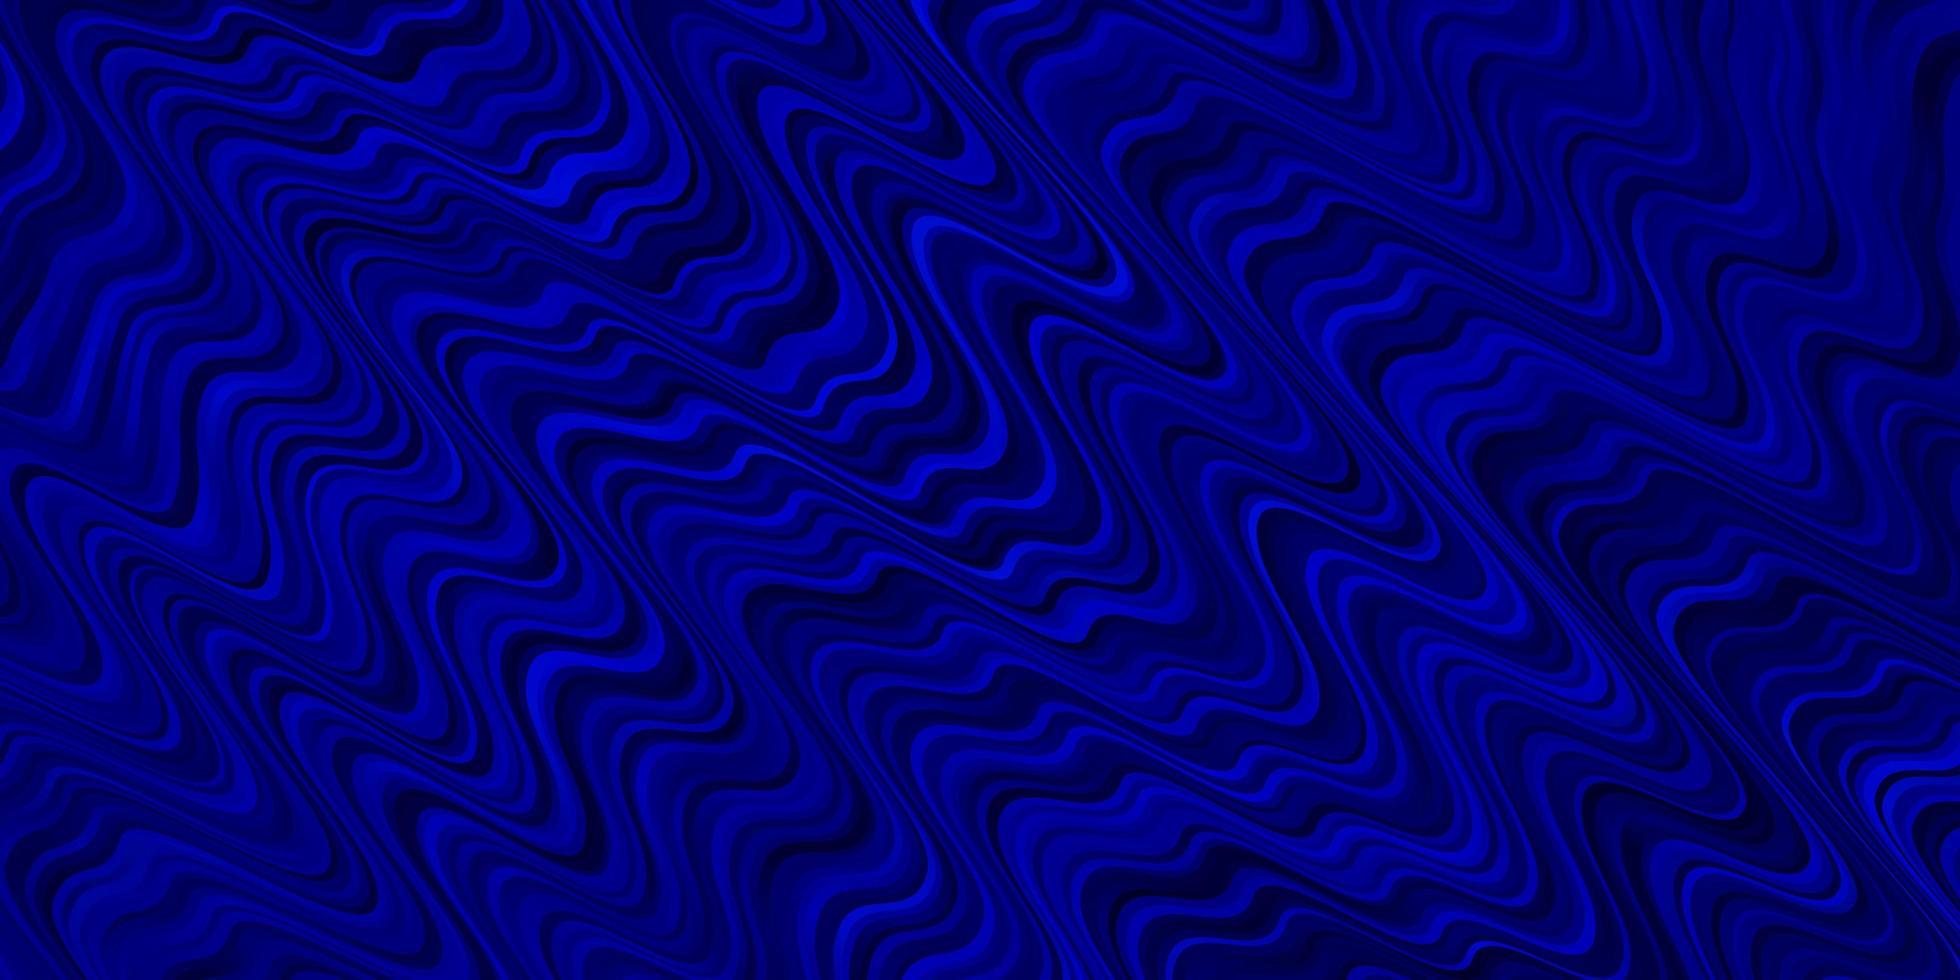 donkerblauw vectorpatroon met lijnen. vector